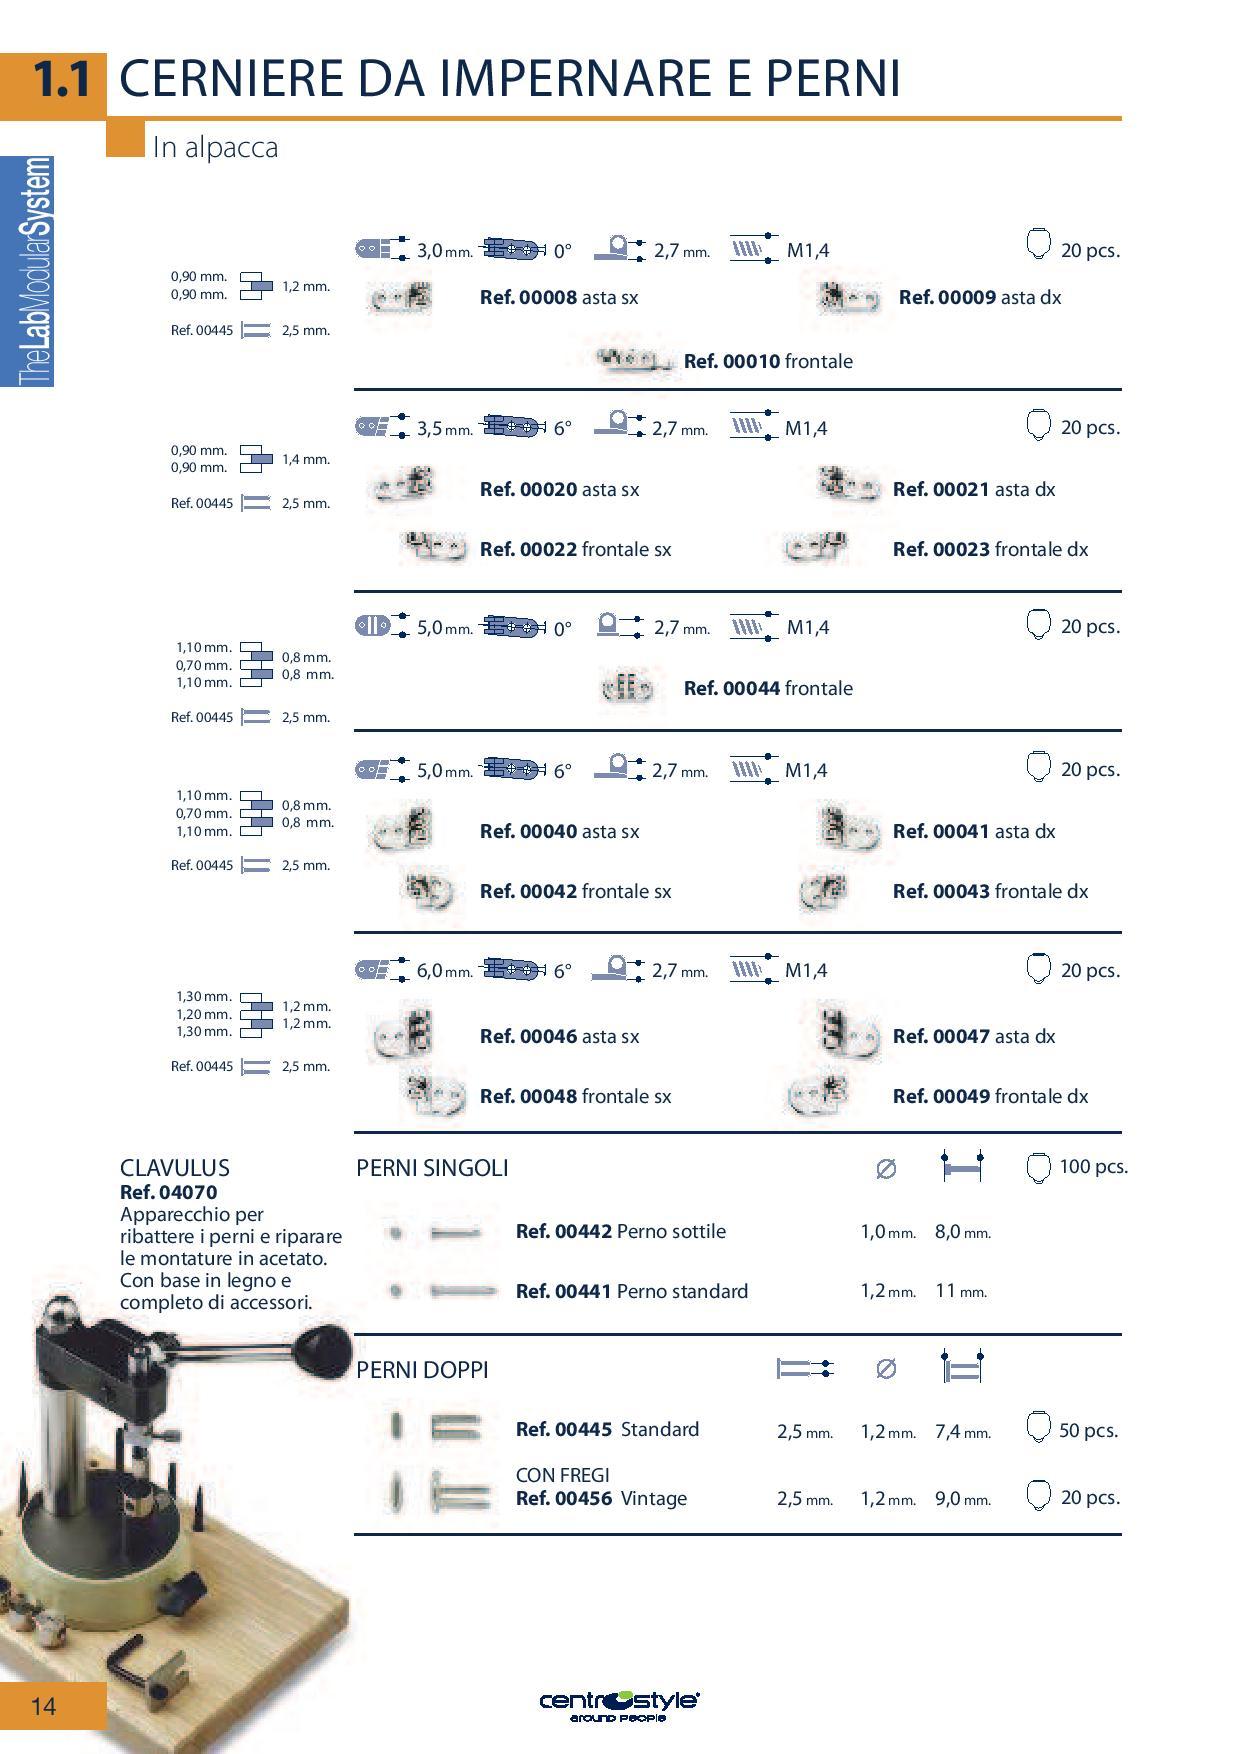 0200049 - Charneira Prego 6,0mm Frontal Direito Mod 49 - Contém 20 Peças